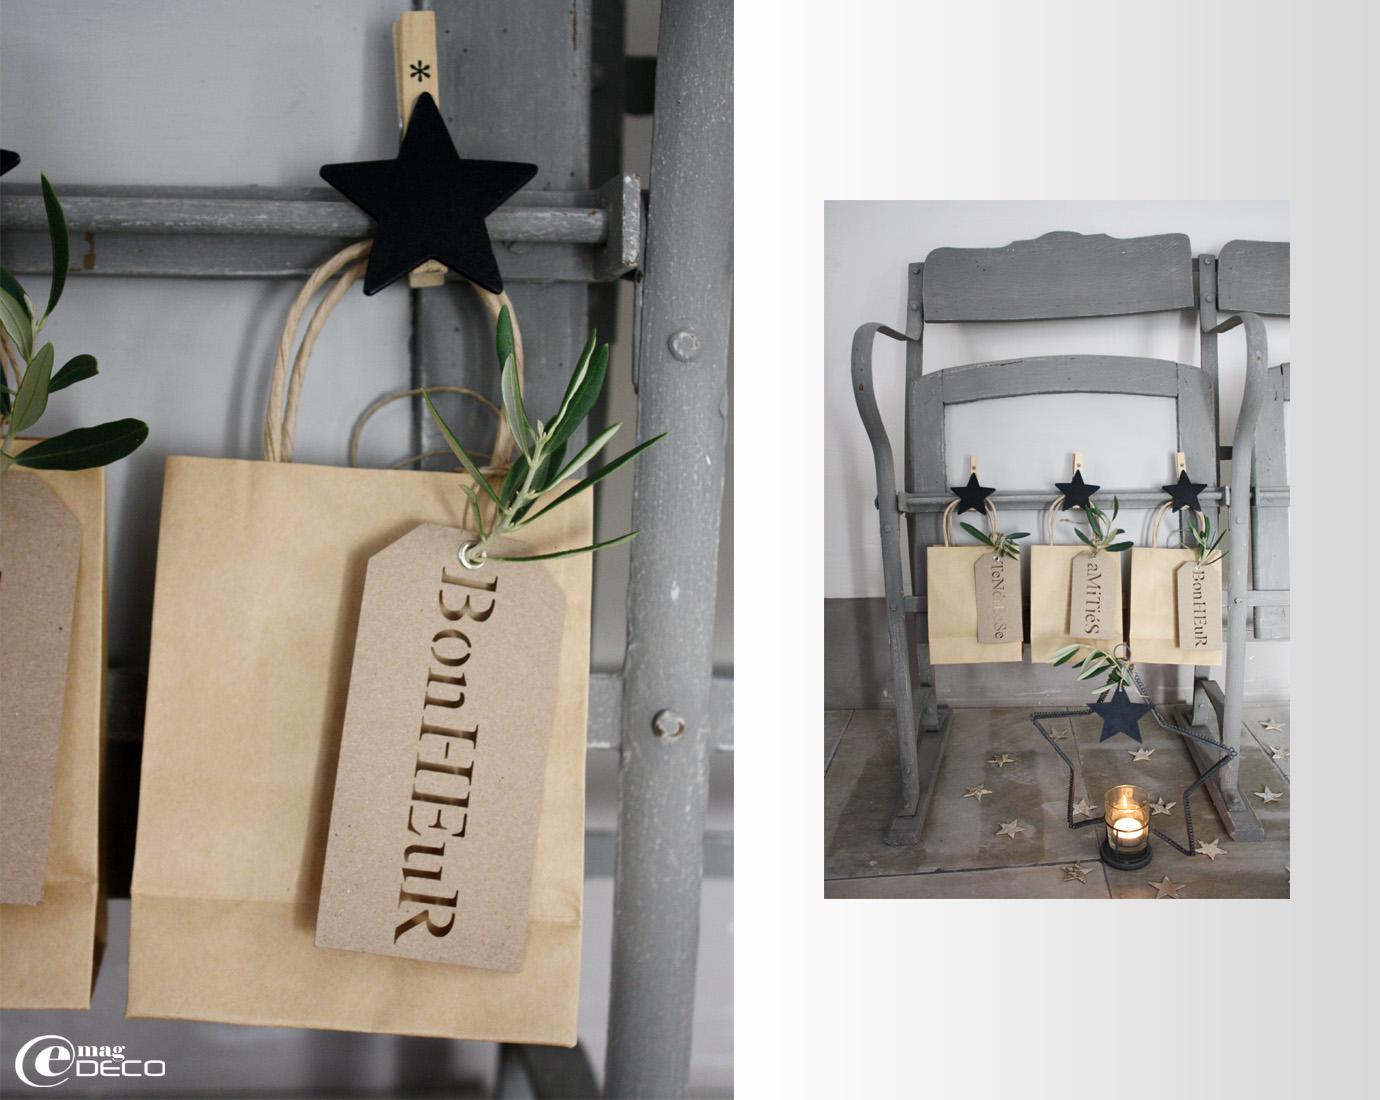 Pinces en bois avec étoile Casa, petits sacs en papier Kraft Rétif, étiquettes cadeaux en carton ajourées Un esprit en plus